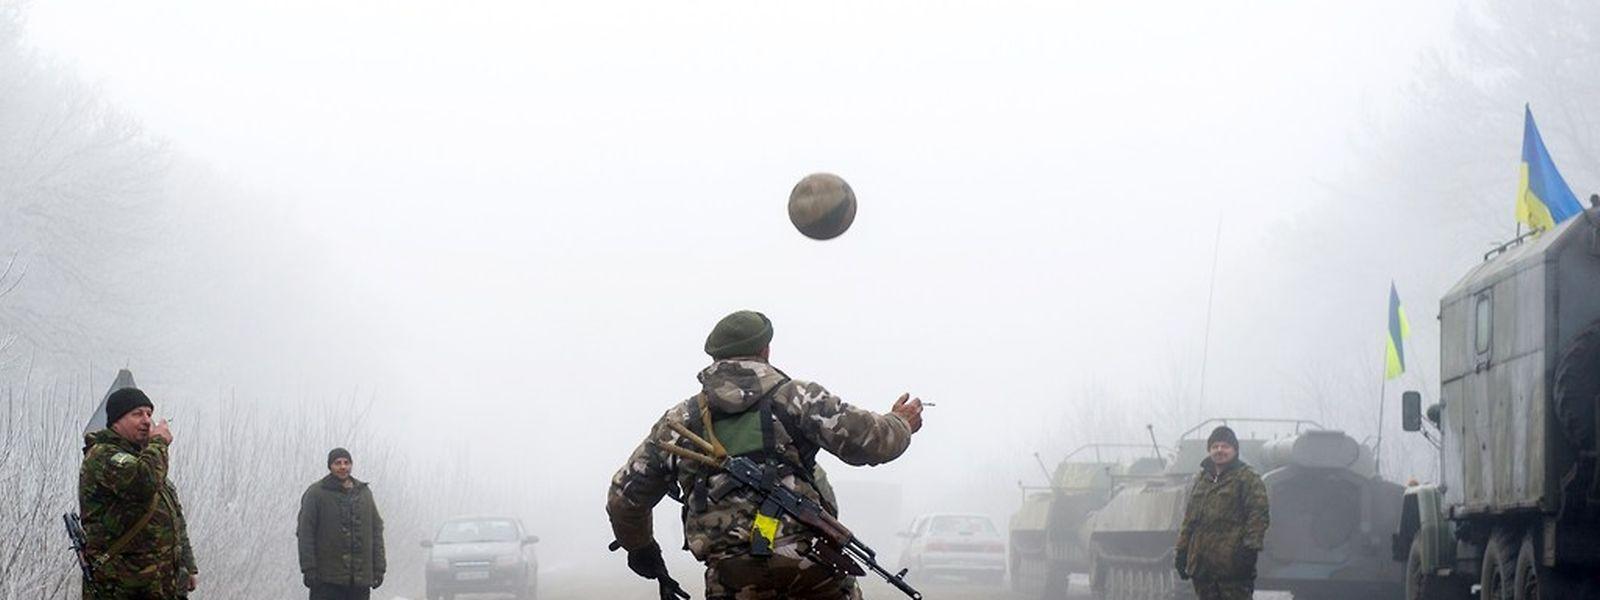 Militares ucranianos a jogar à bola durante o cessar-fogo deste domingo